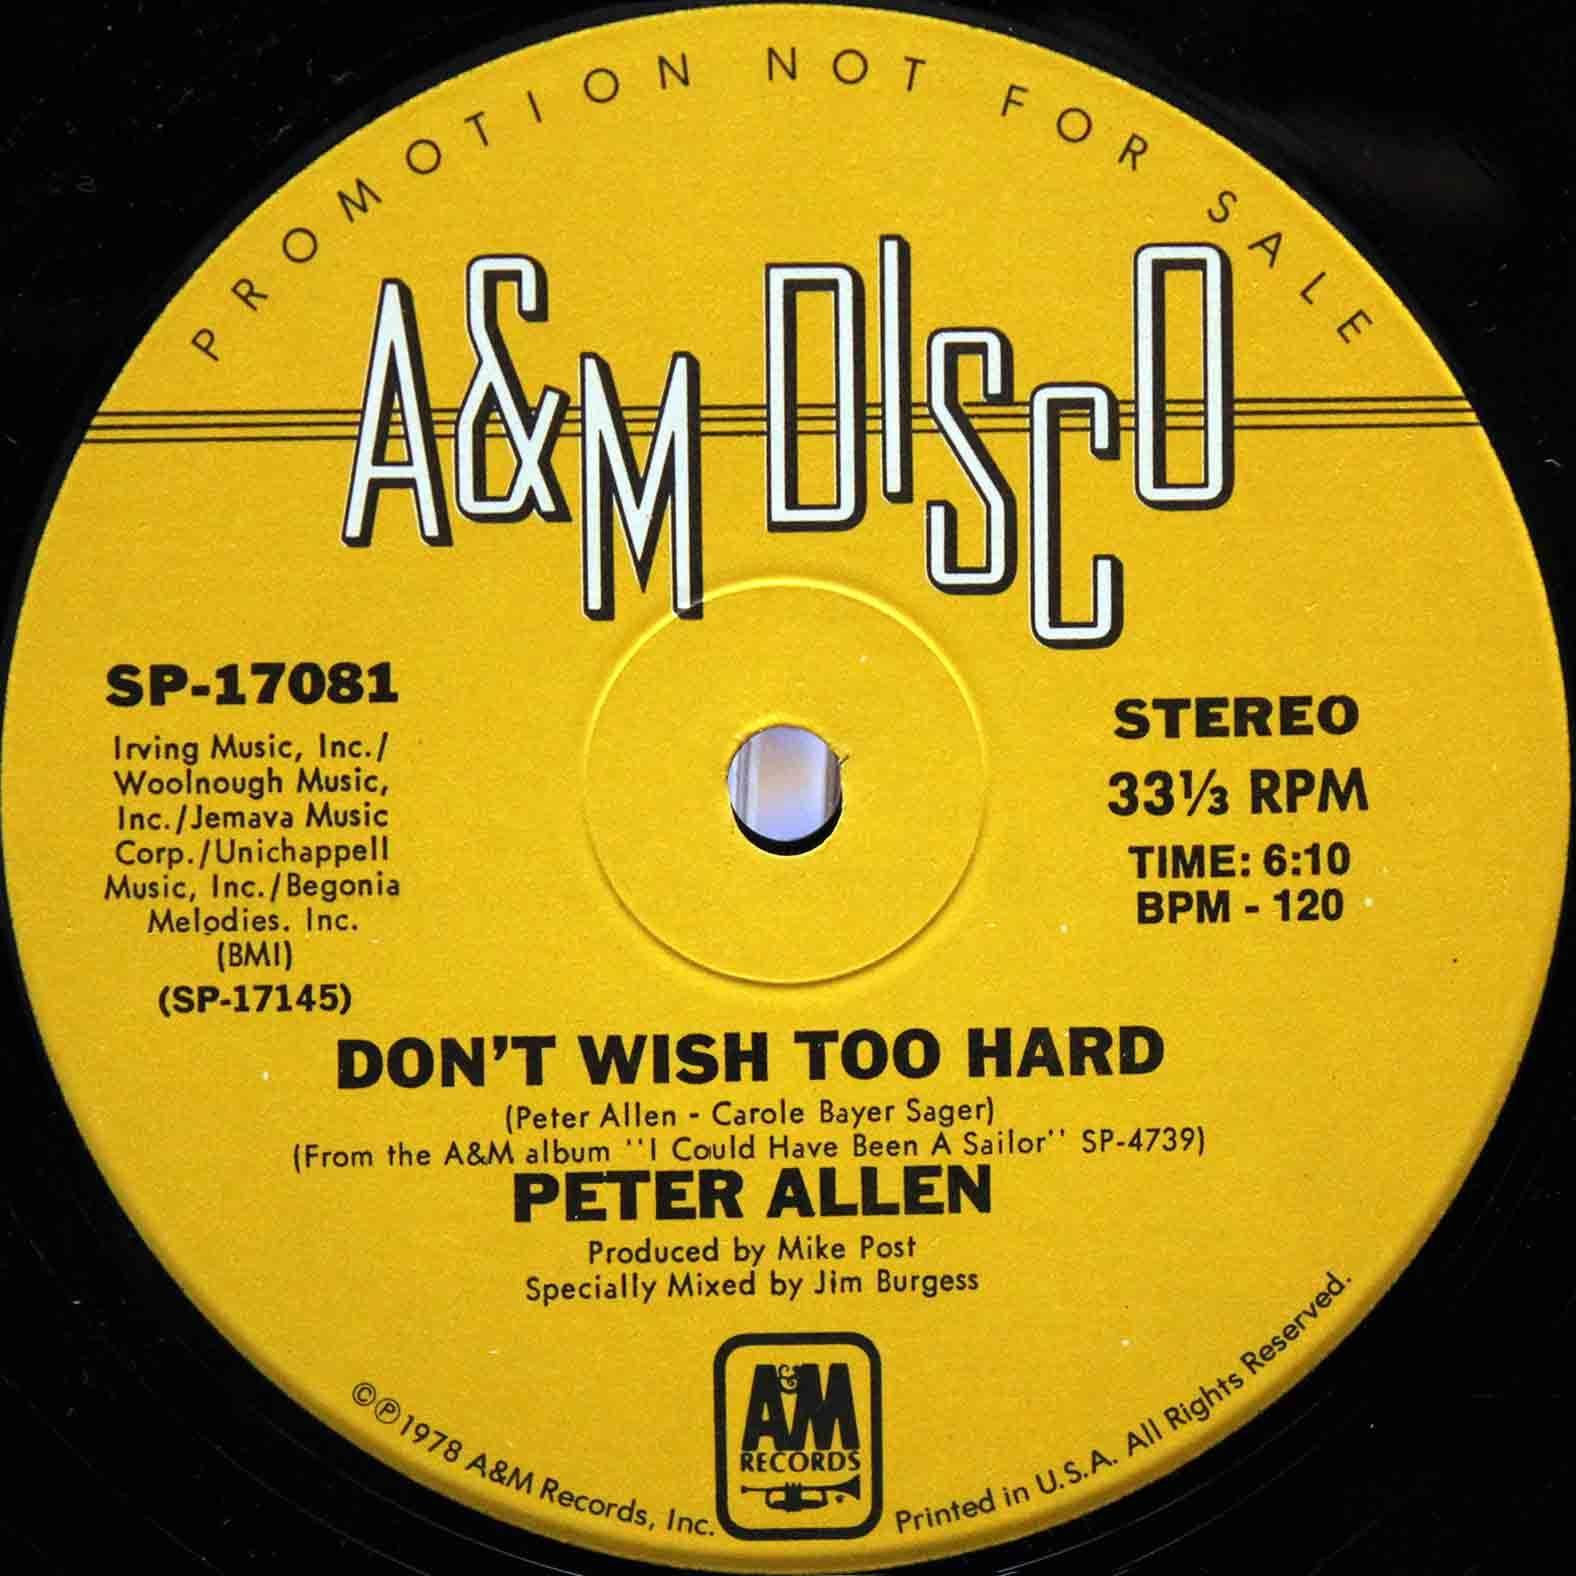 Peter Allen - Dont wish too hard 03